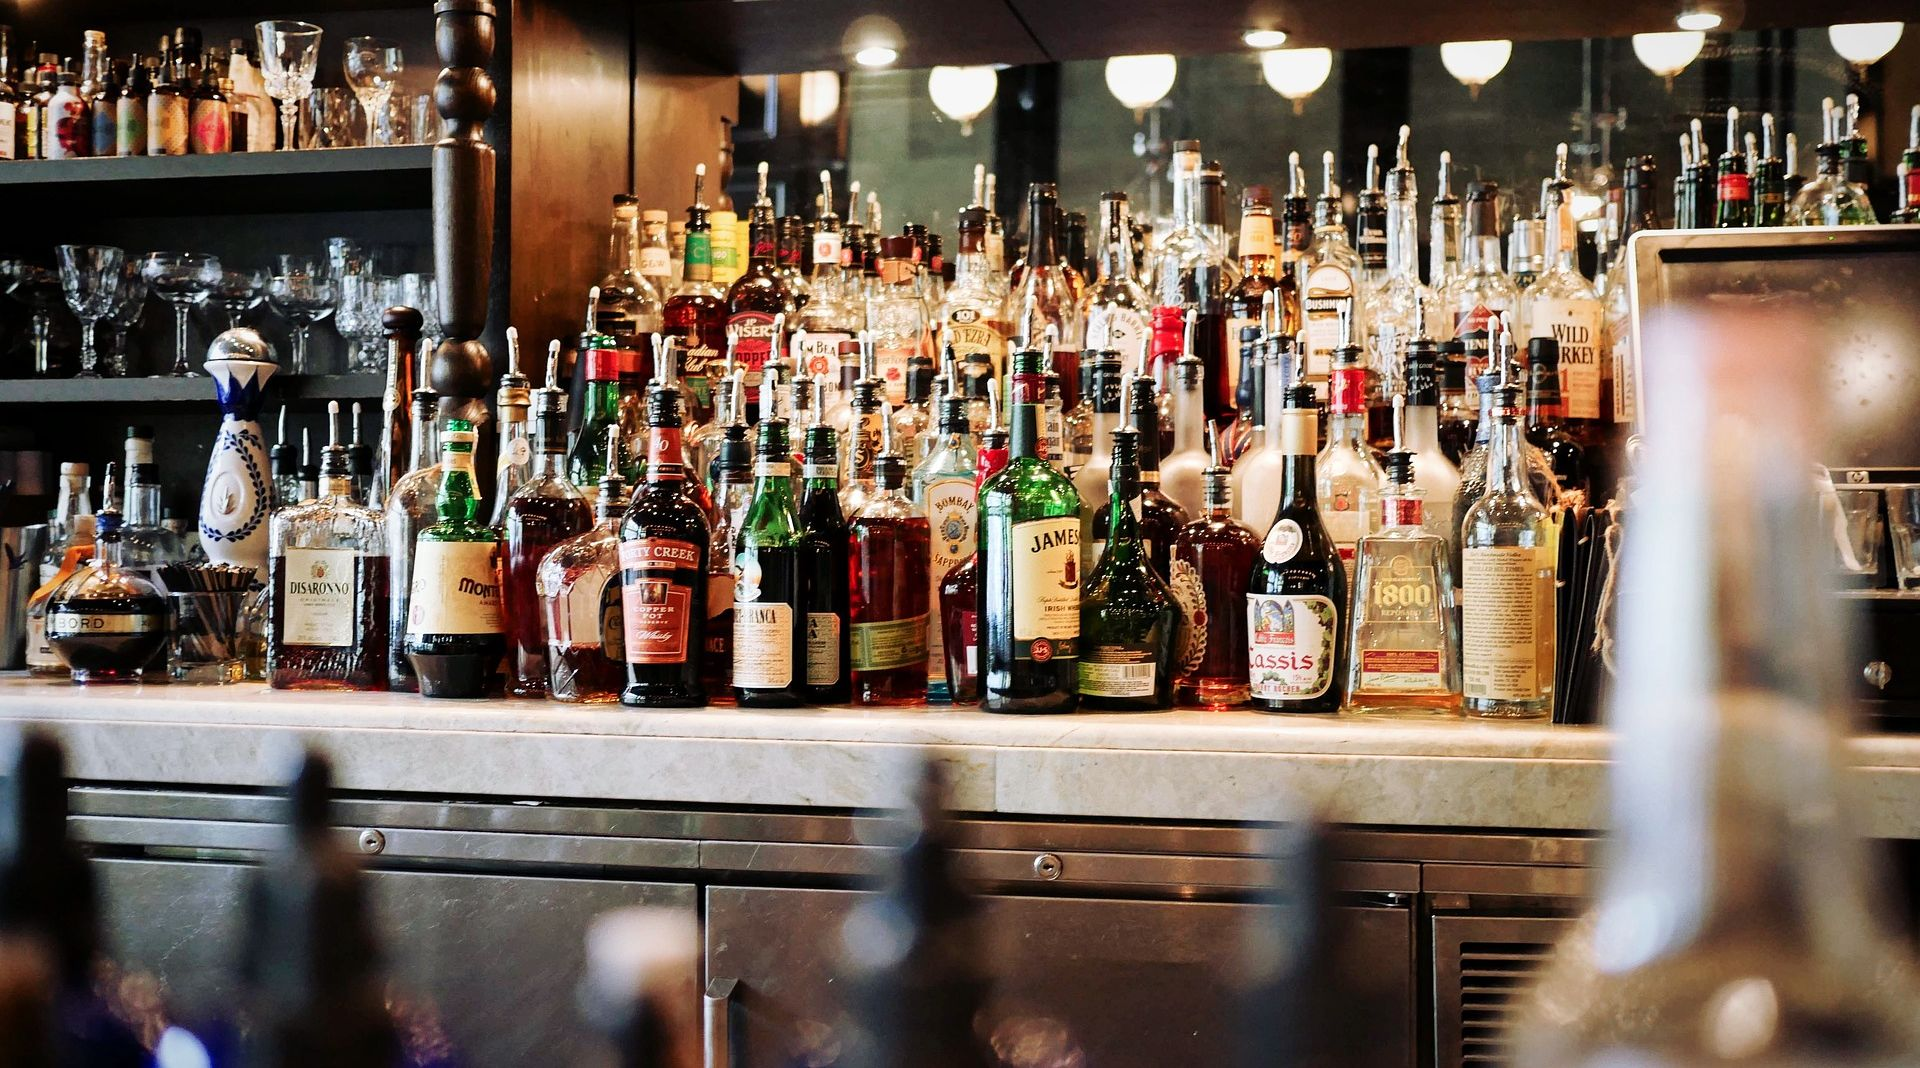 FELJTON Kako nas alkohol može uništiti i kako to spriječiti